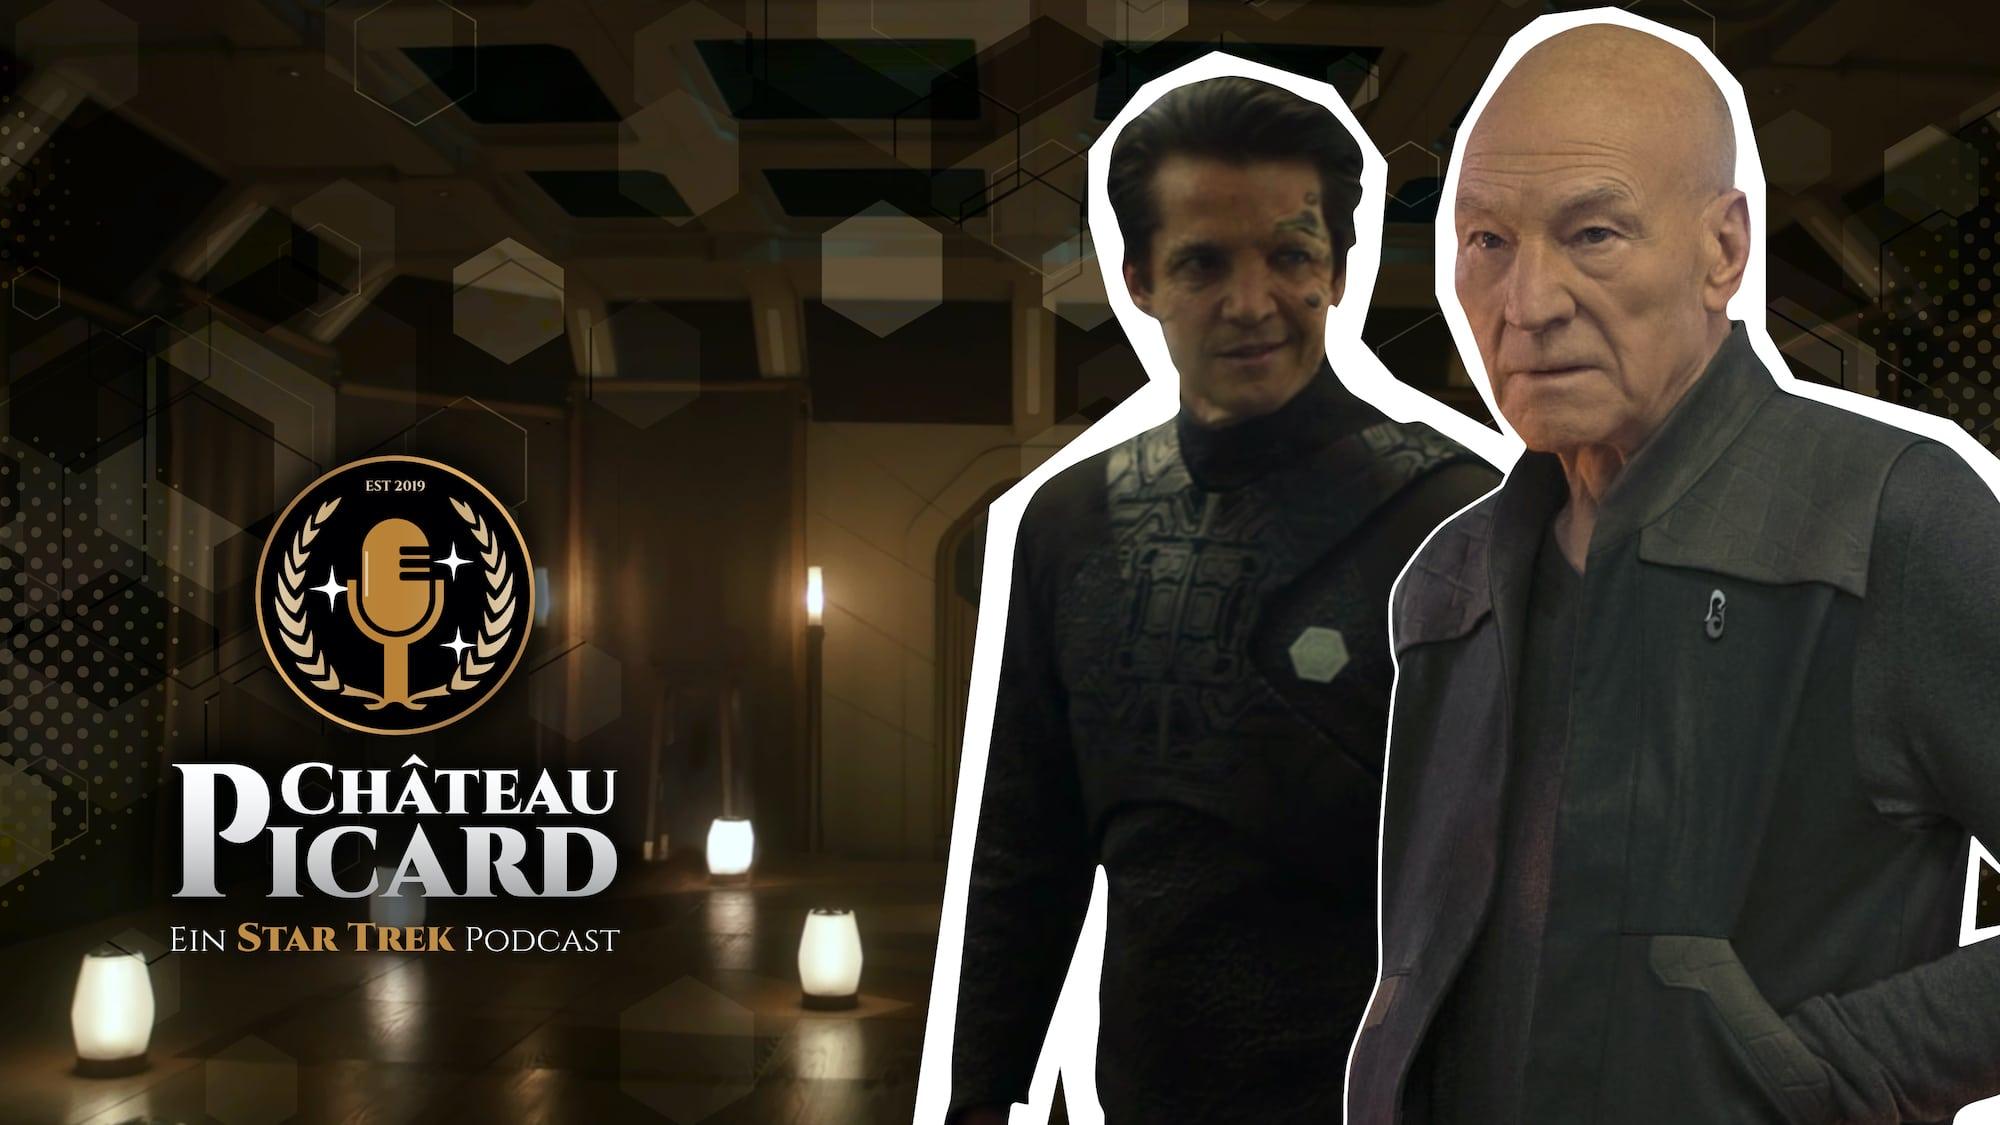 """Folgenbild zur Folge """"Star Trek: Picard"""": Review und Analyse zu Die Geheimnisvolle Box"""